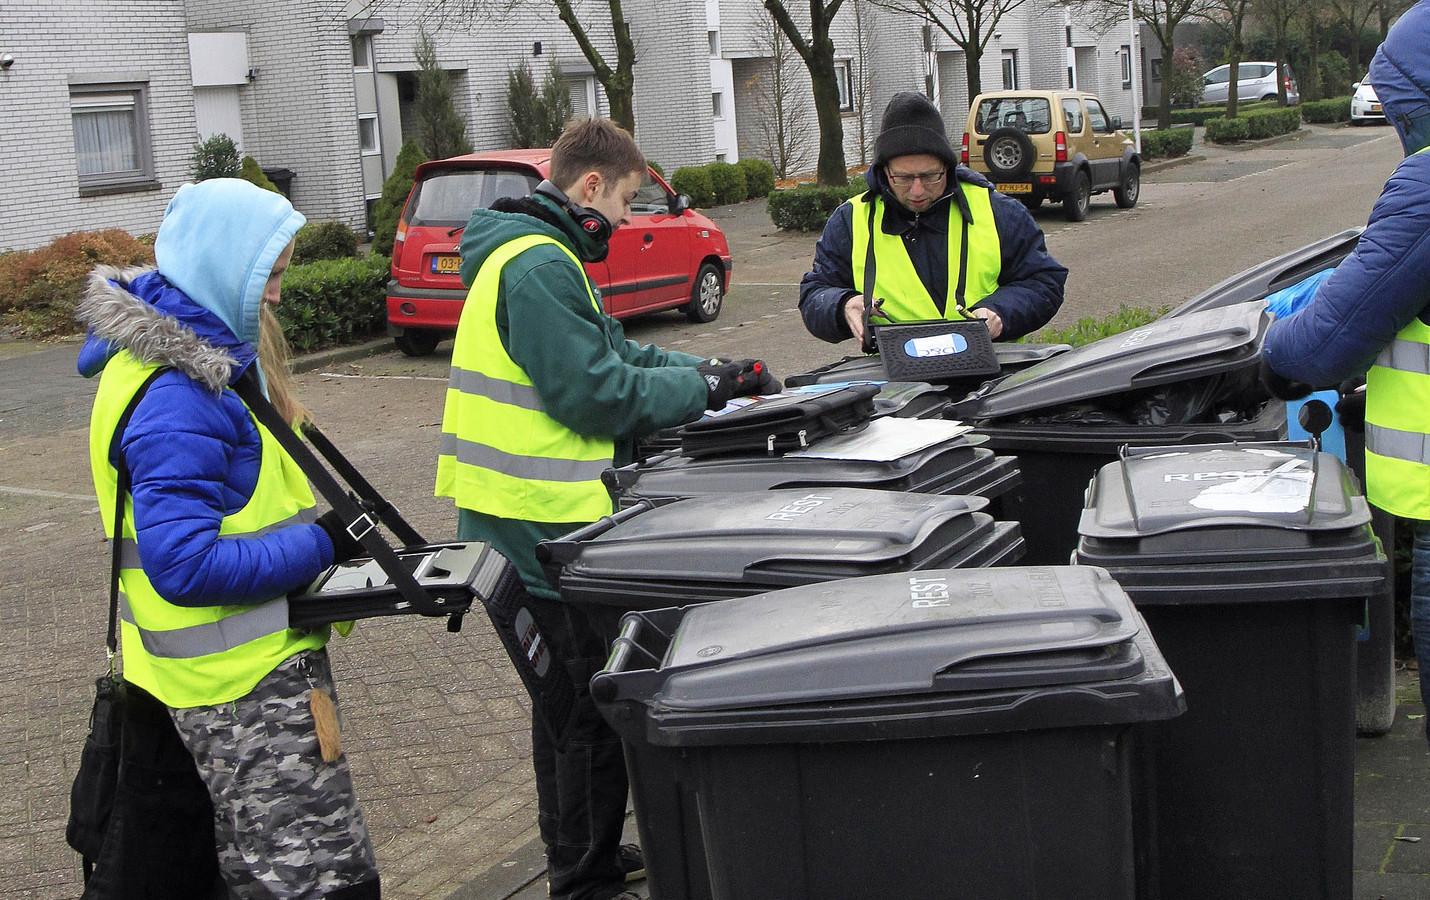 Archieffoto: Controle op afval in containers wijk Hooghuis Etten-Leur.